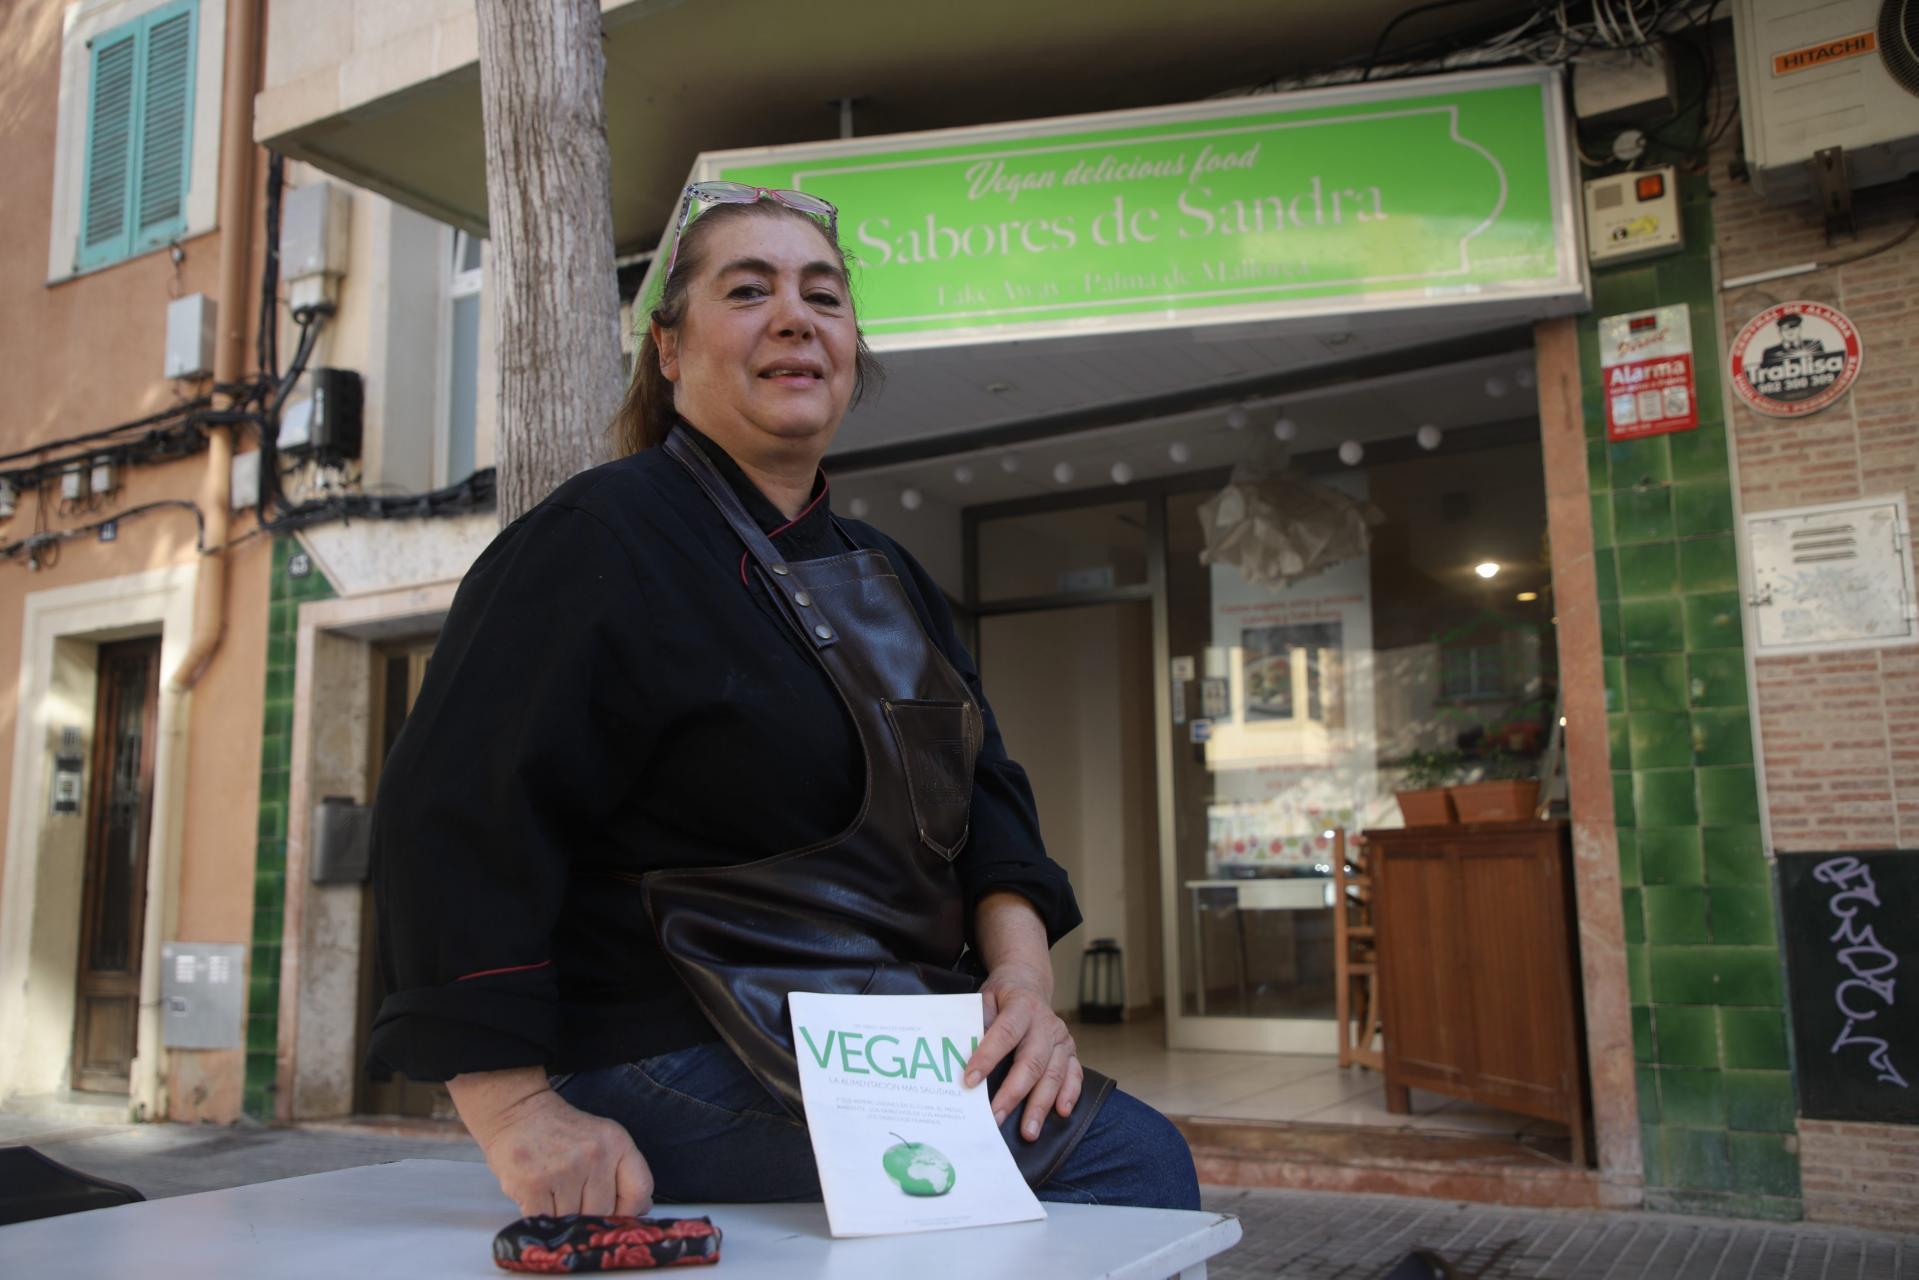 PALMA - Sandra Gallego en su restaurante Sabores de Sandra. FOTO: BOTA